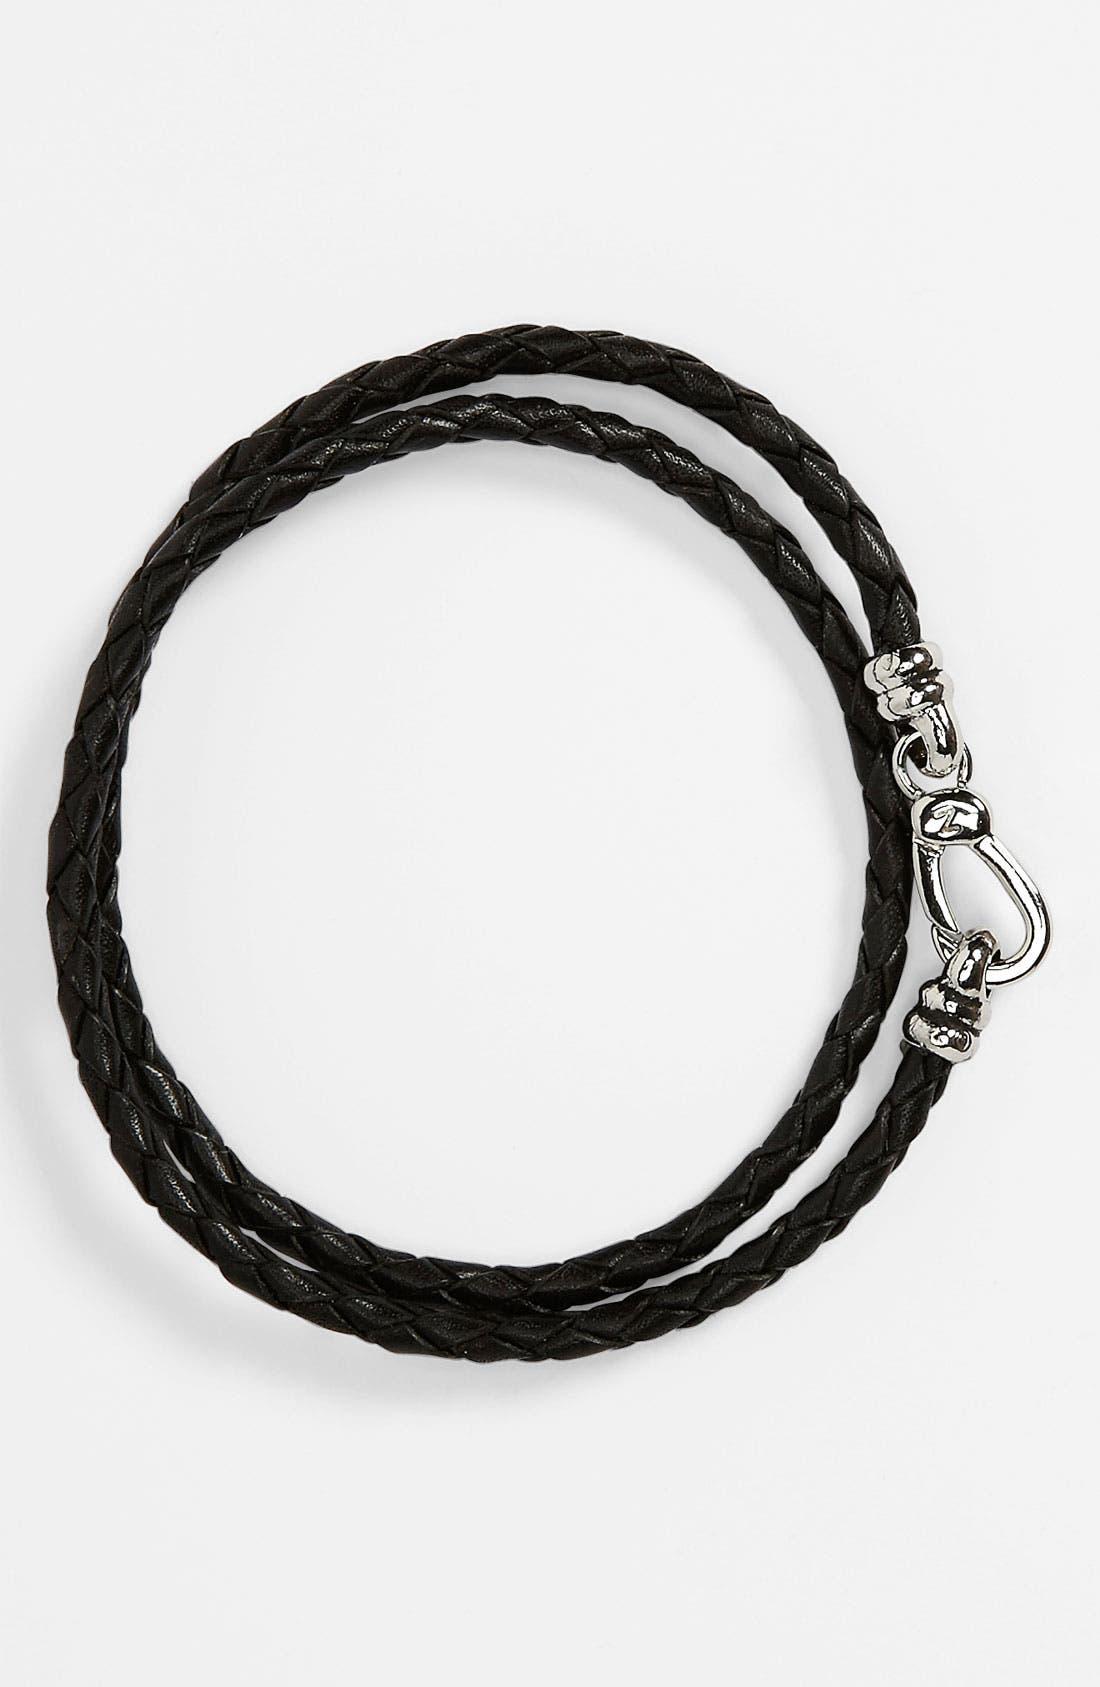 Main Image - Zack Braided Leather Bracelet